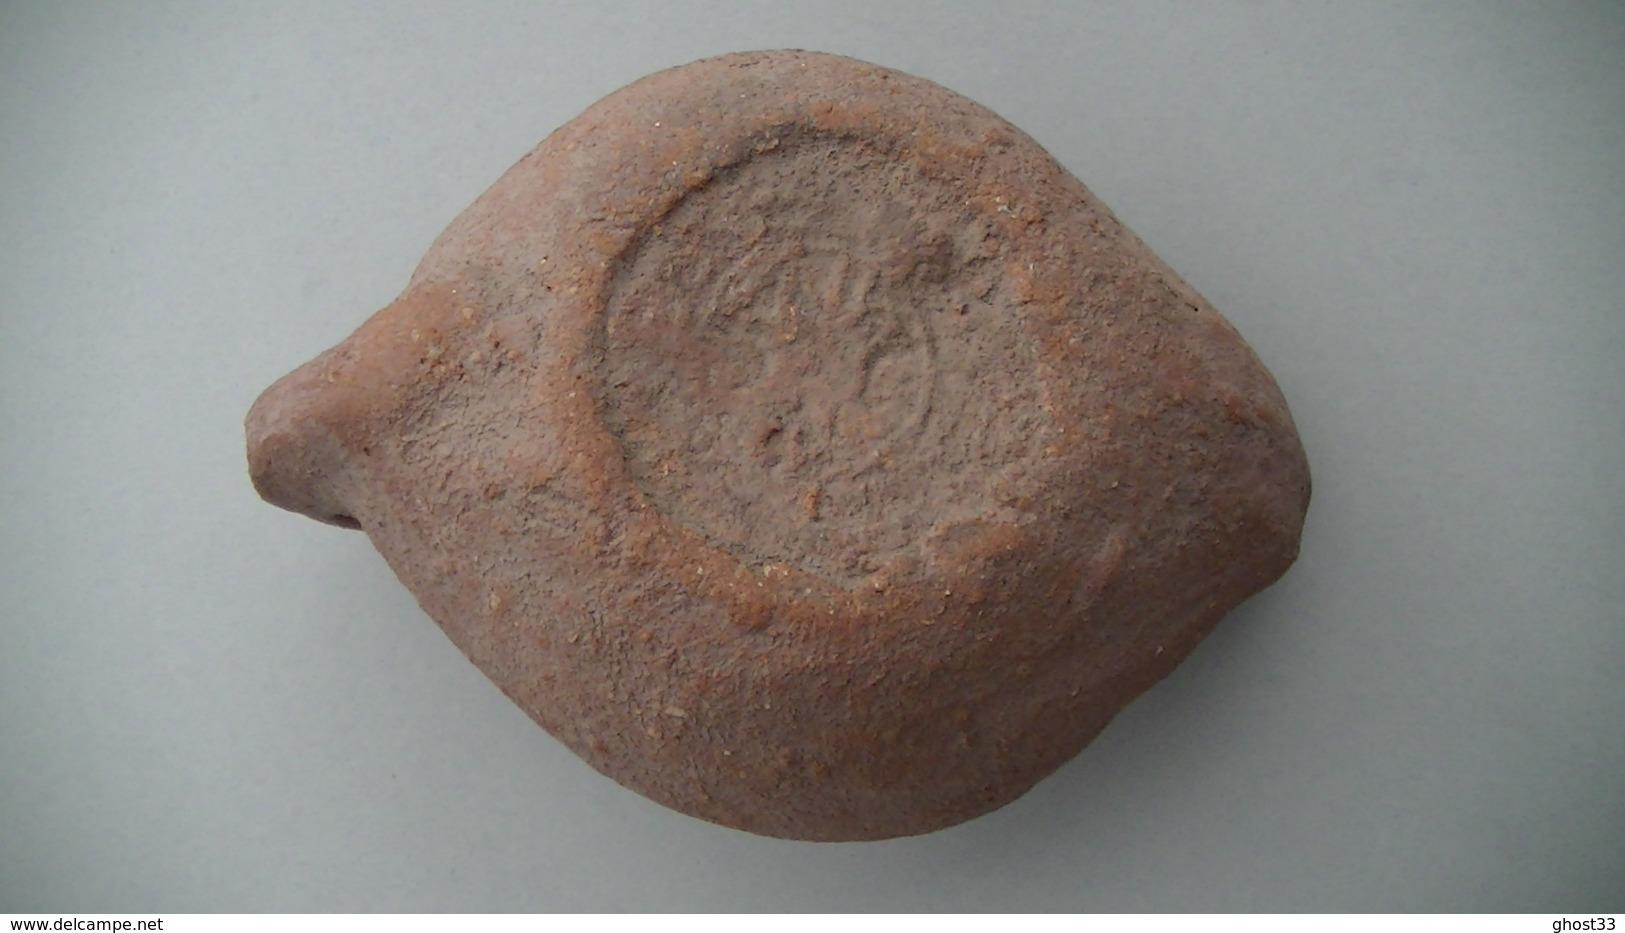 ARCHÉOLOGIE - LAMPE À HUILE - ÉPOQUE GALLO-ROMAINE - MARQUE AU DOS - Archaeology